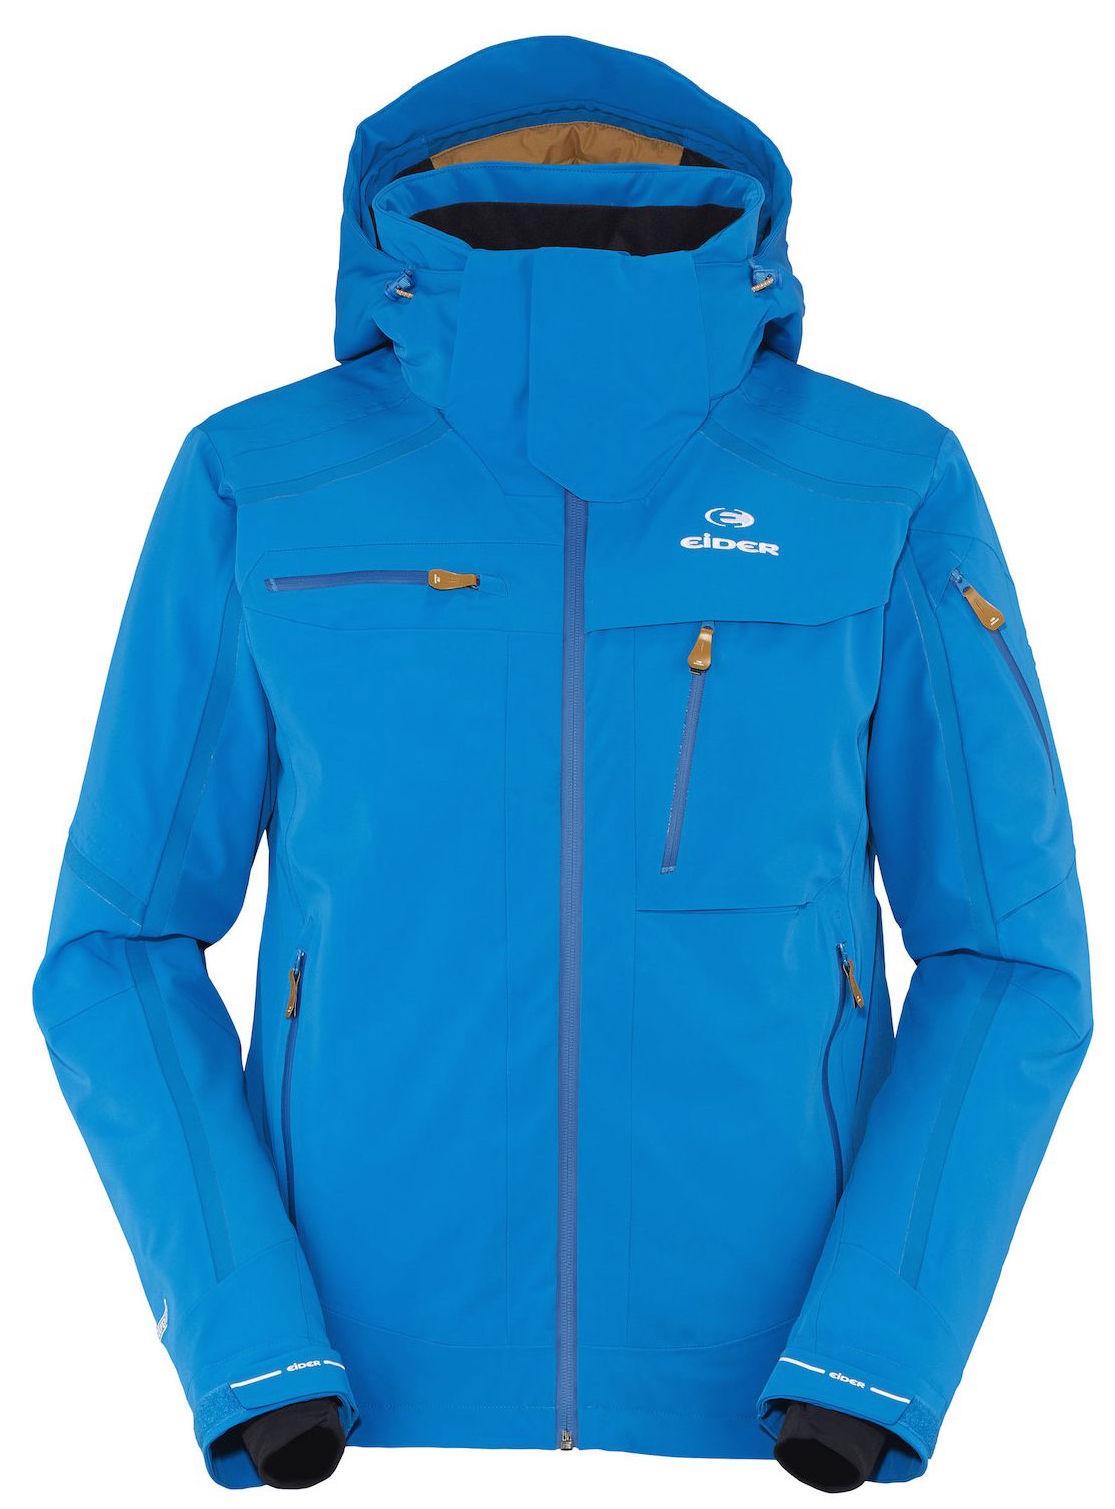 veste de ski femme de marque les vestes la mode sont populaires partout dans le monde. Black Bedroom Furniture Sets. Home Design Ideas